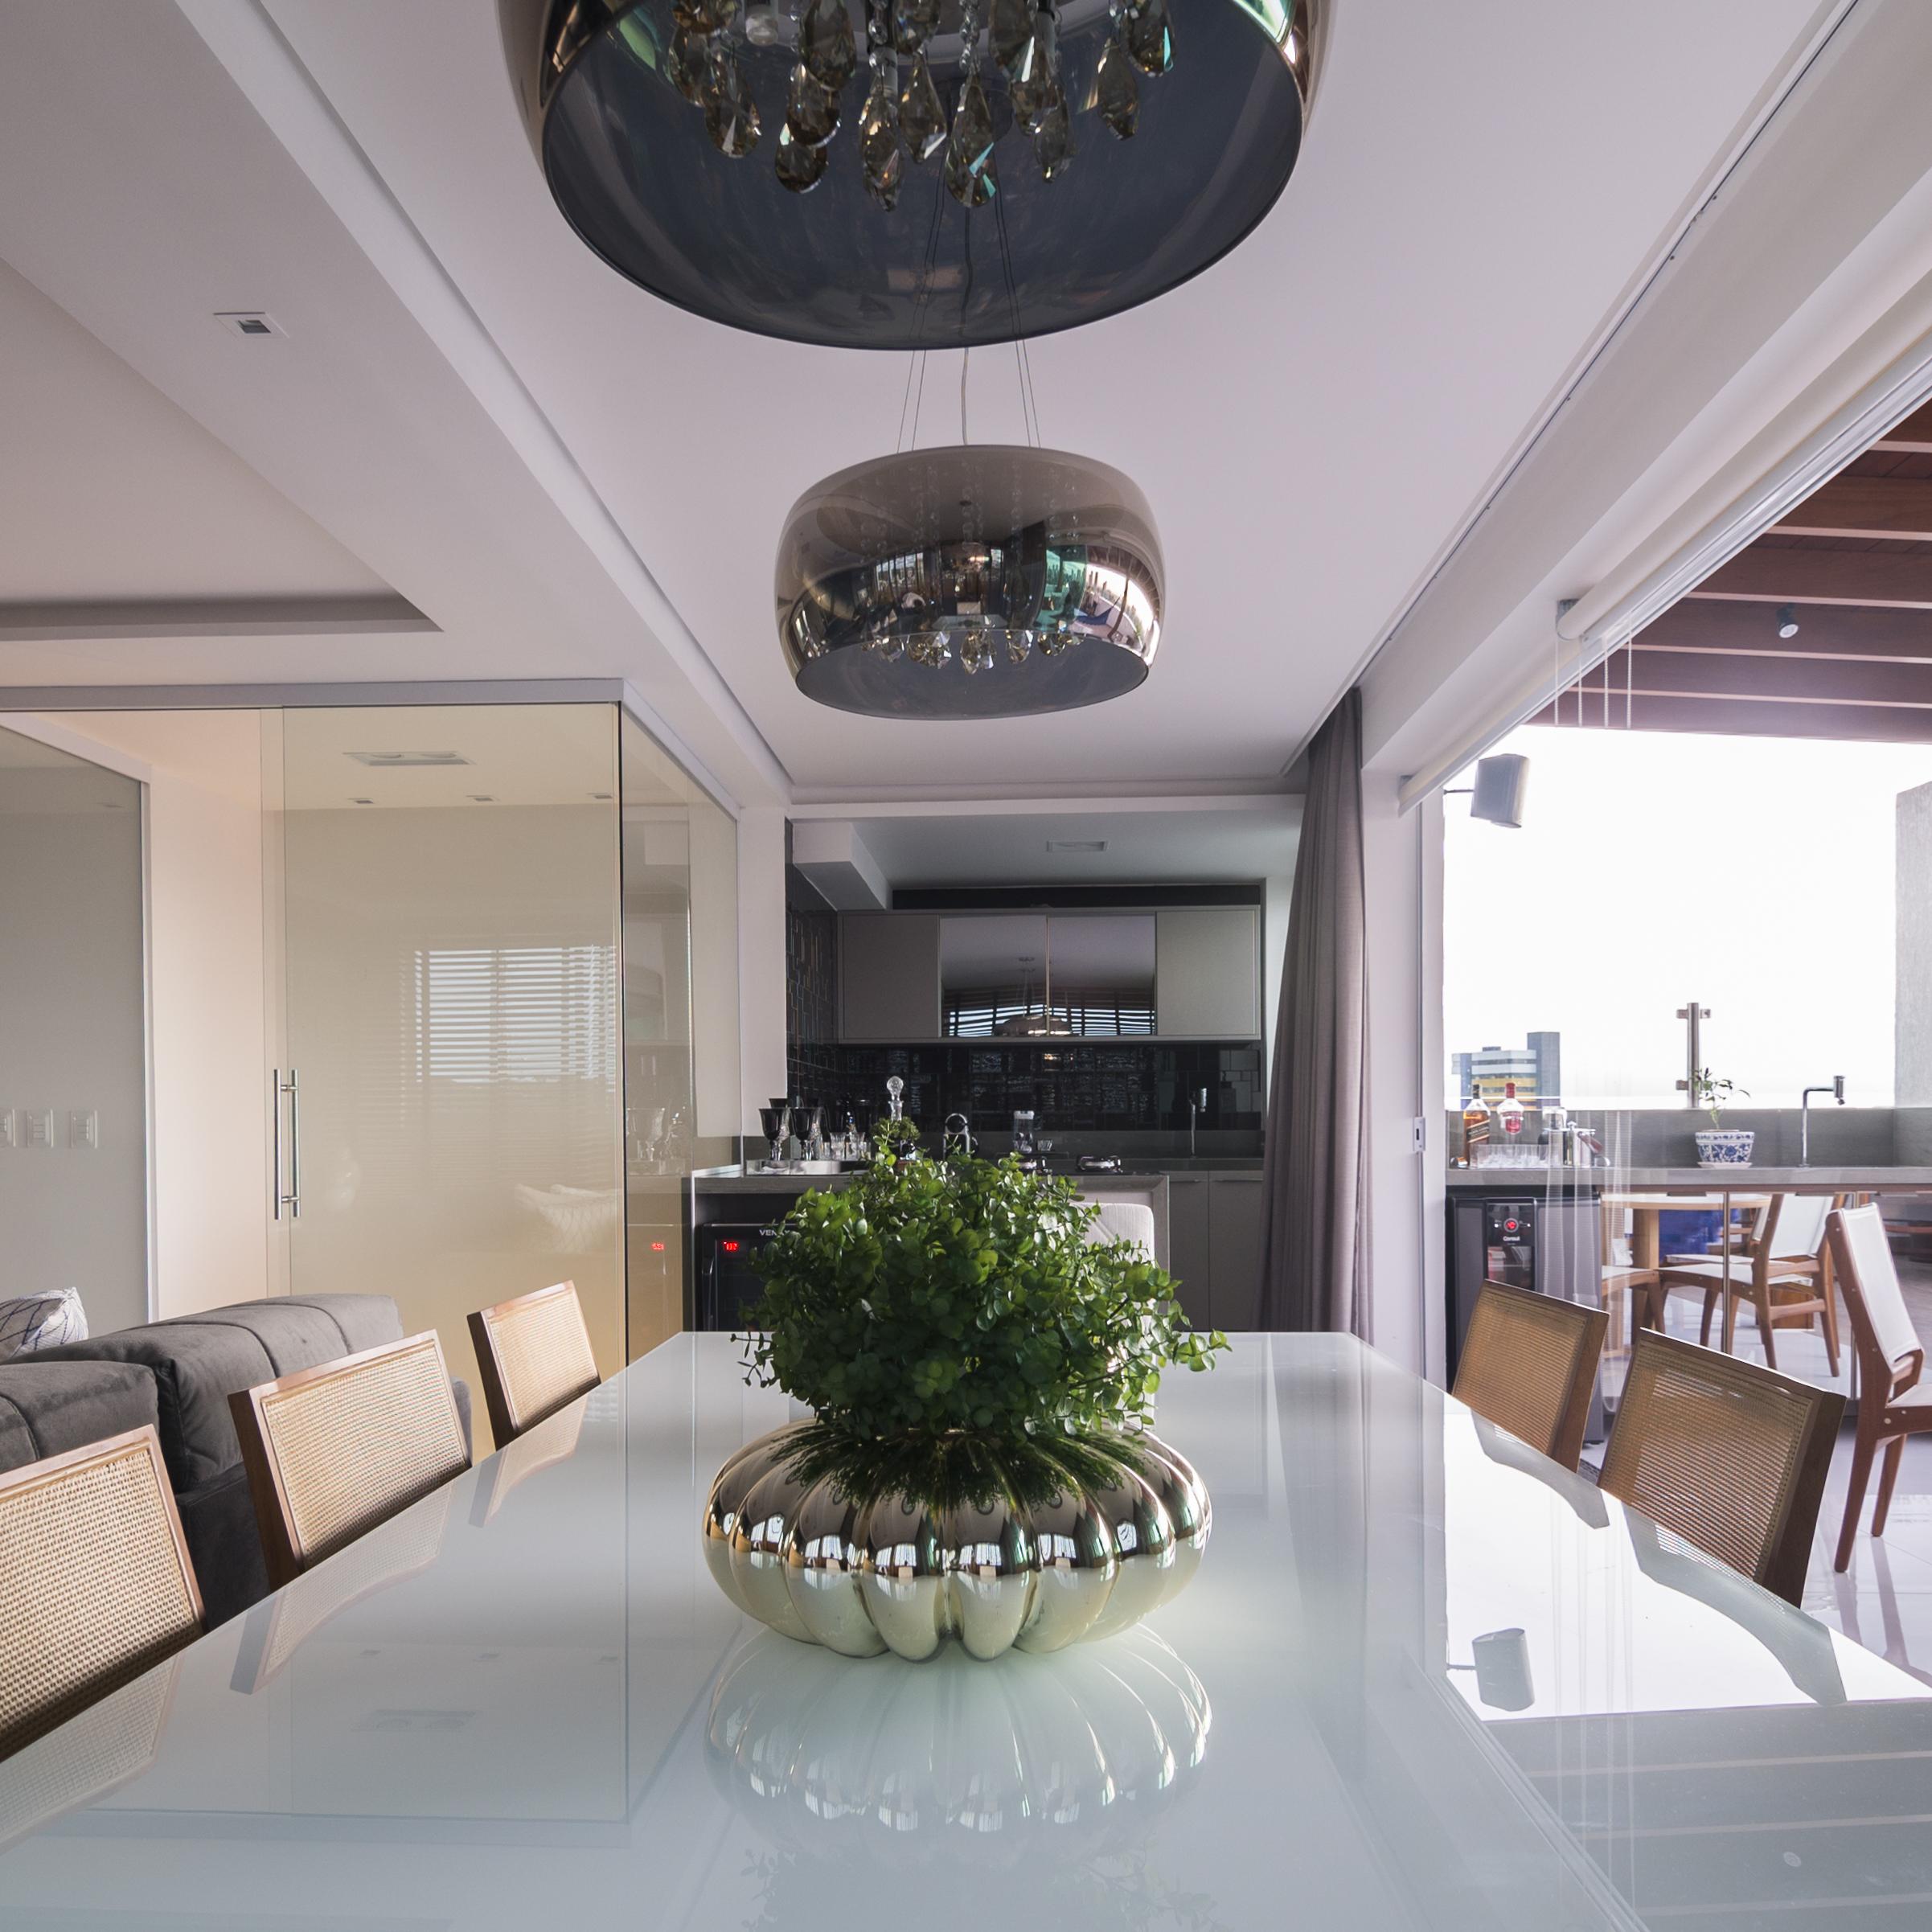 projeto-arquitetonico-robertoindira-duo-arquitetura-apartamentos-gourmet-06.jpg